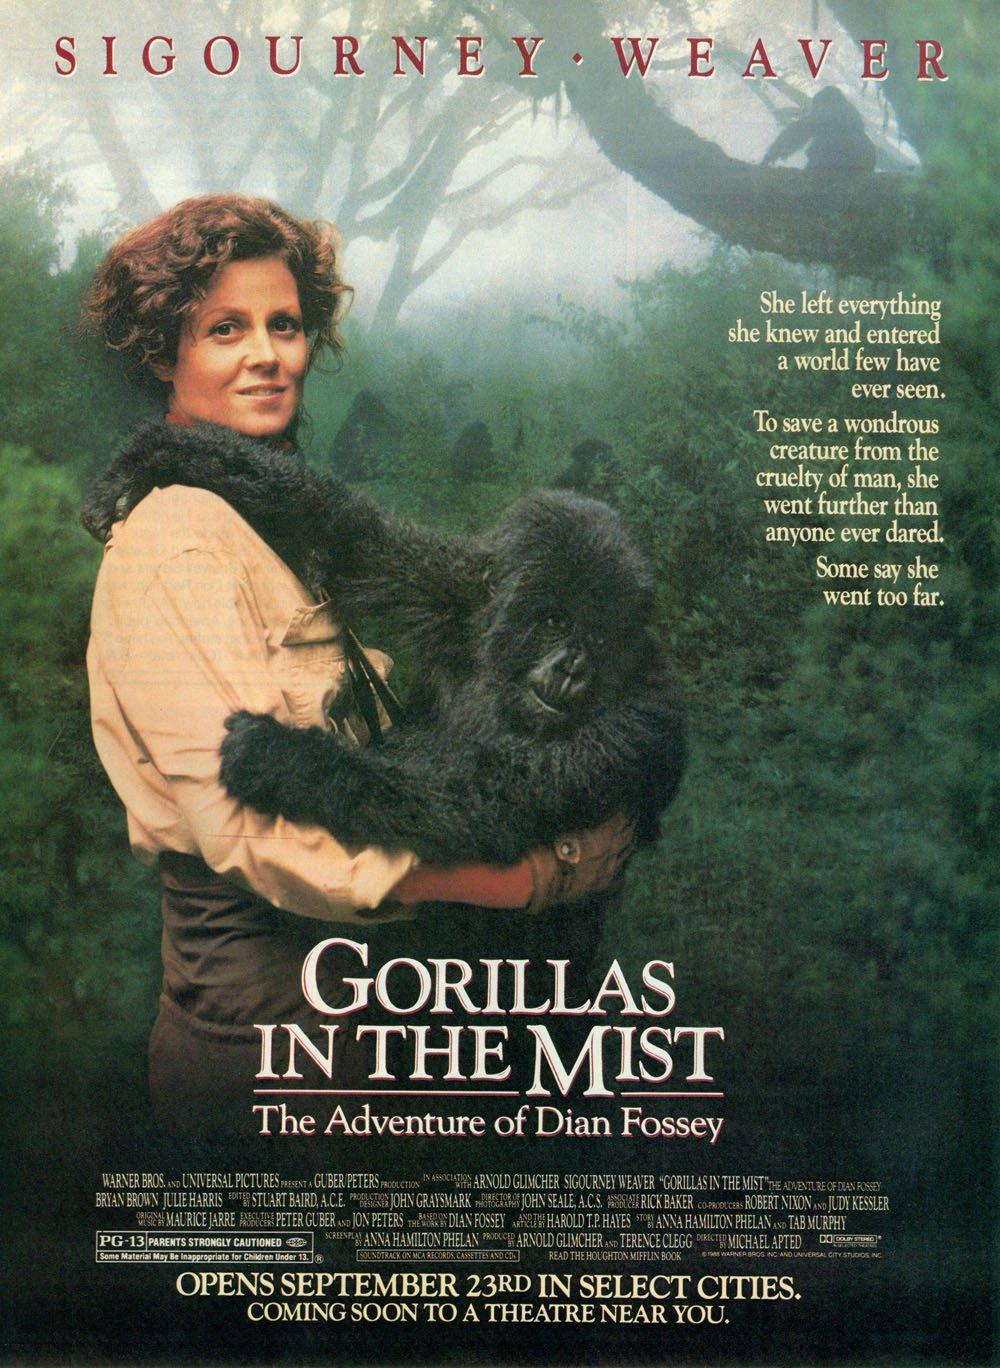 ภาพจากภาพยนต์เรื่อง Gorilla in the Mist